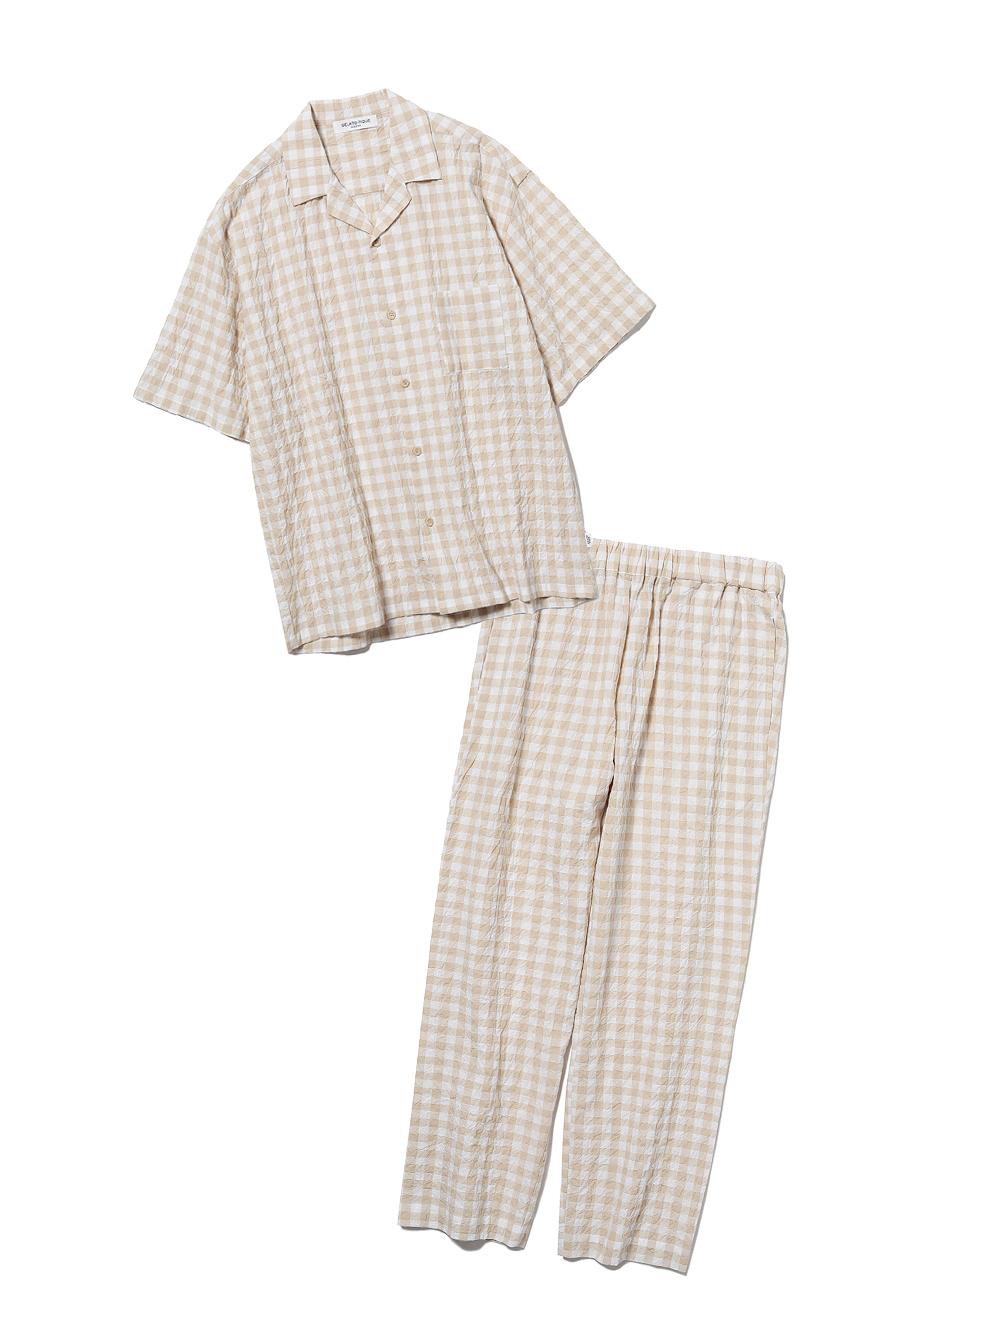 【ラッピング】【HOMME】オーガニックコットンギンガムチェックシャツ&ロングパンツSET(YEL-M)